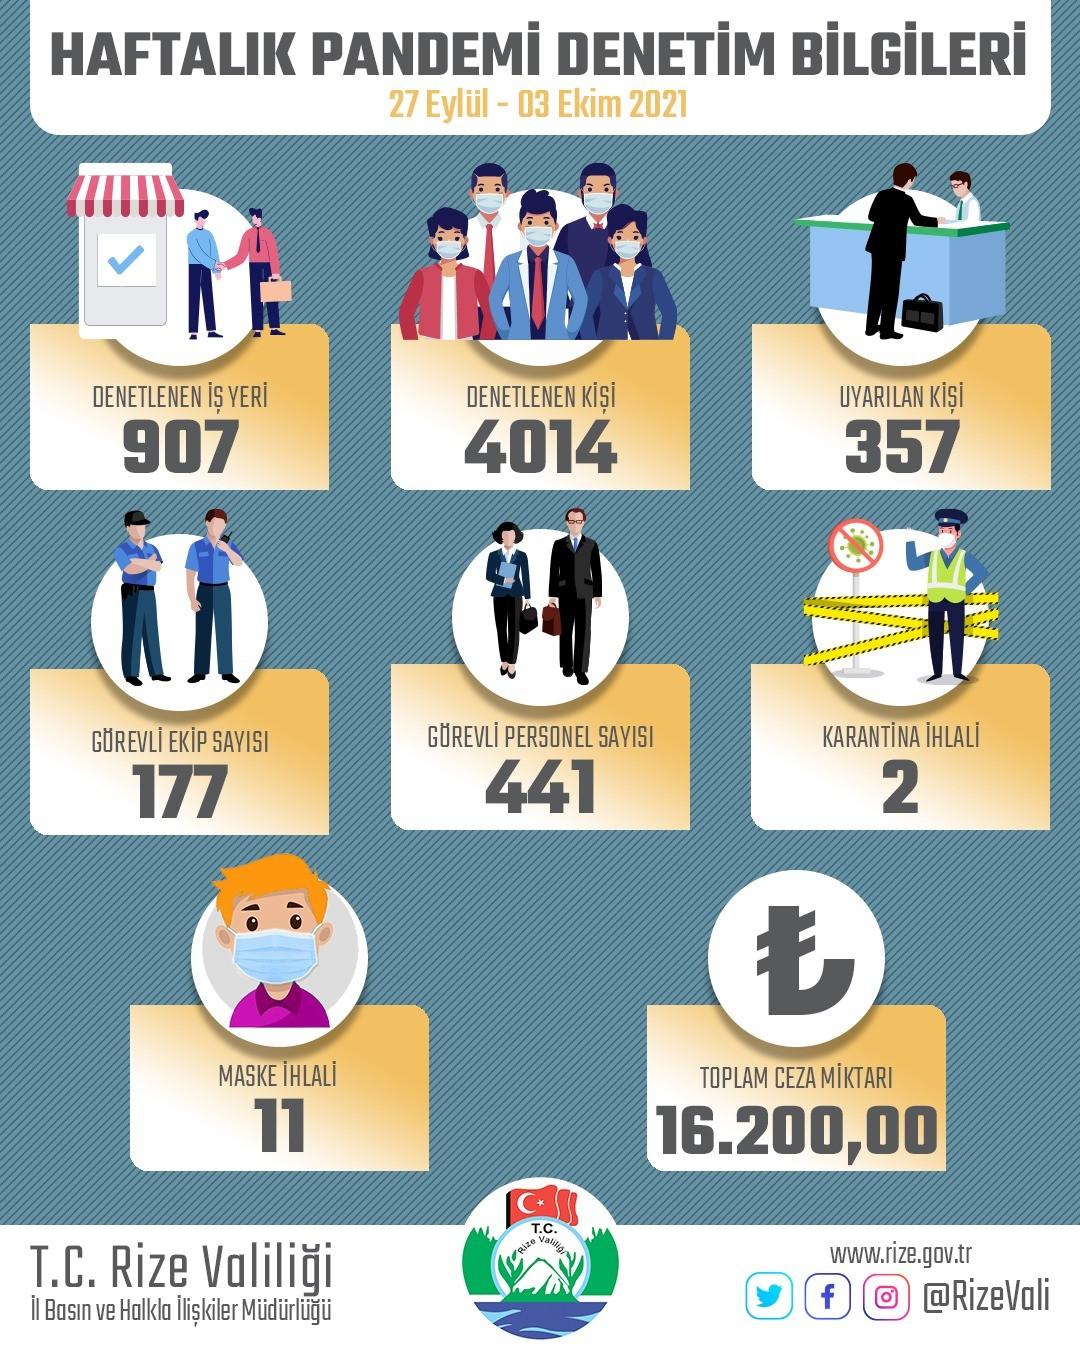 Rize'de bir haftada karantinadan kaçan 10 kişi otele yerleştirildi